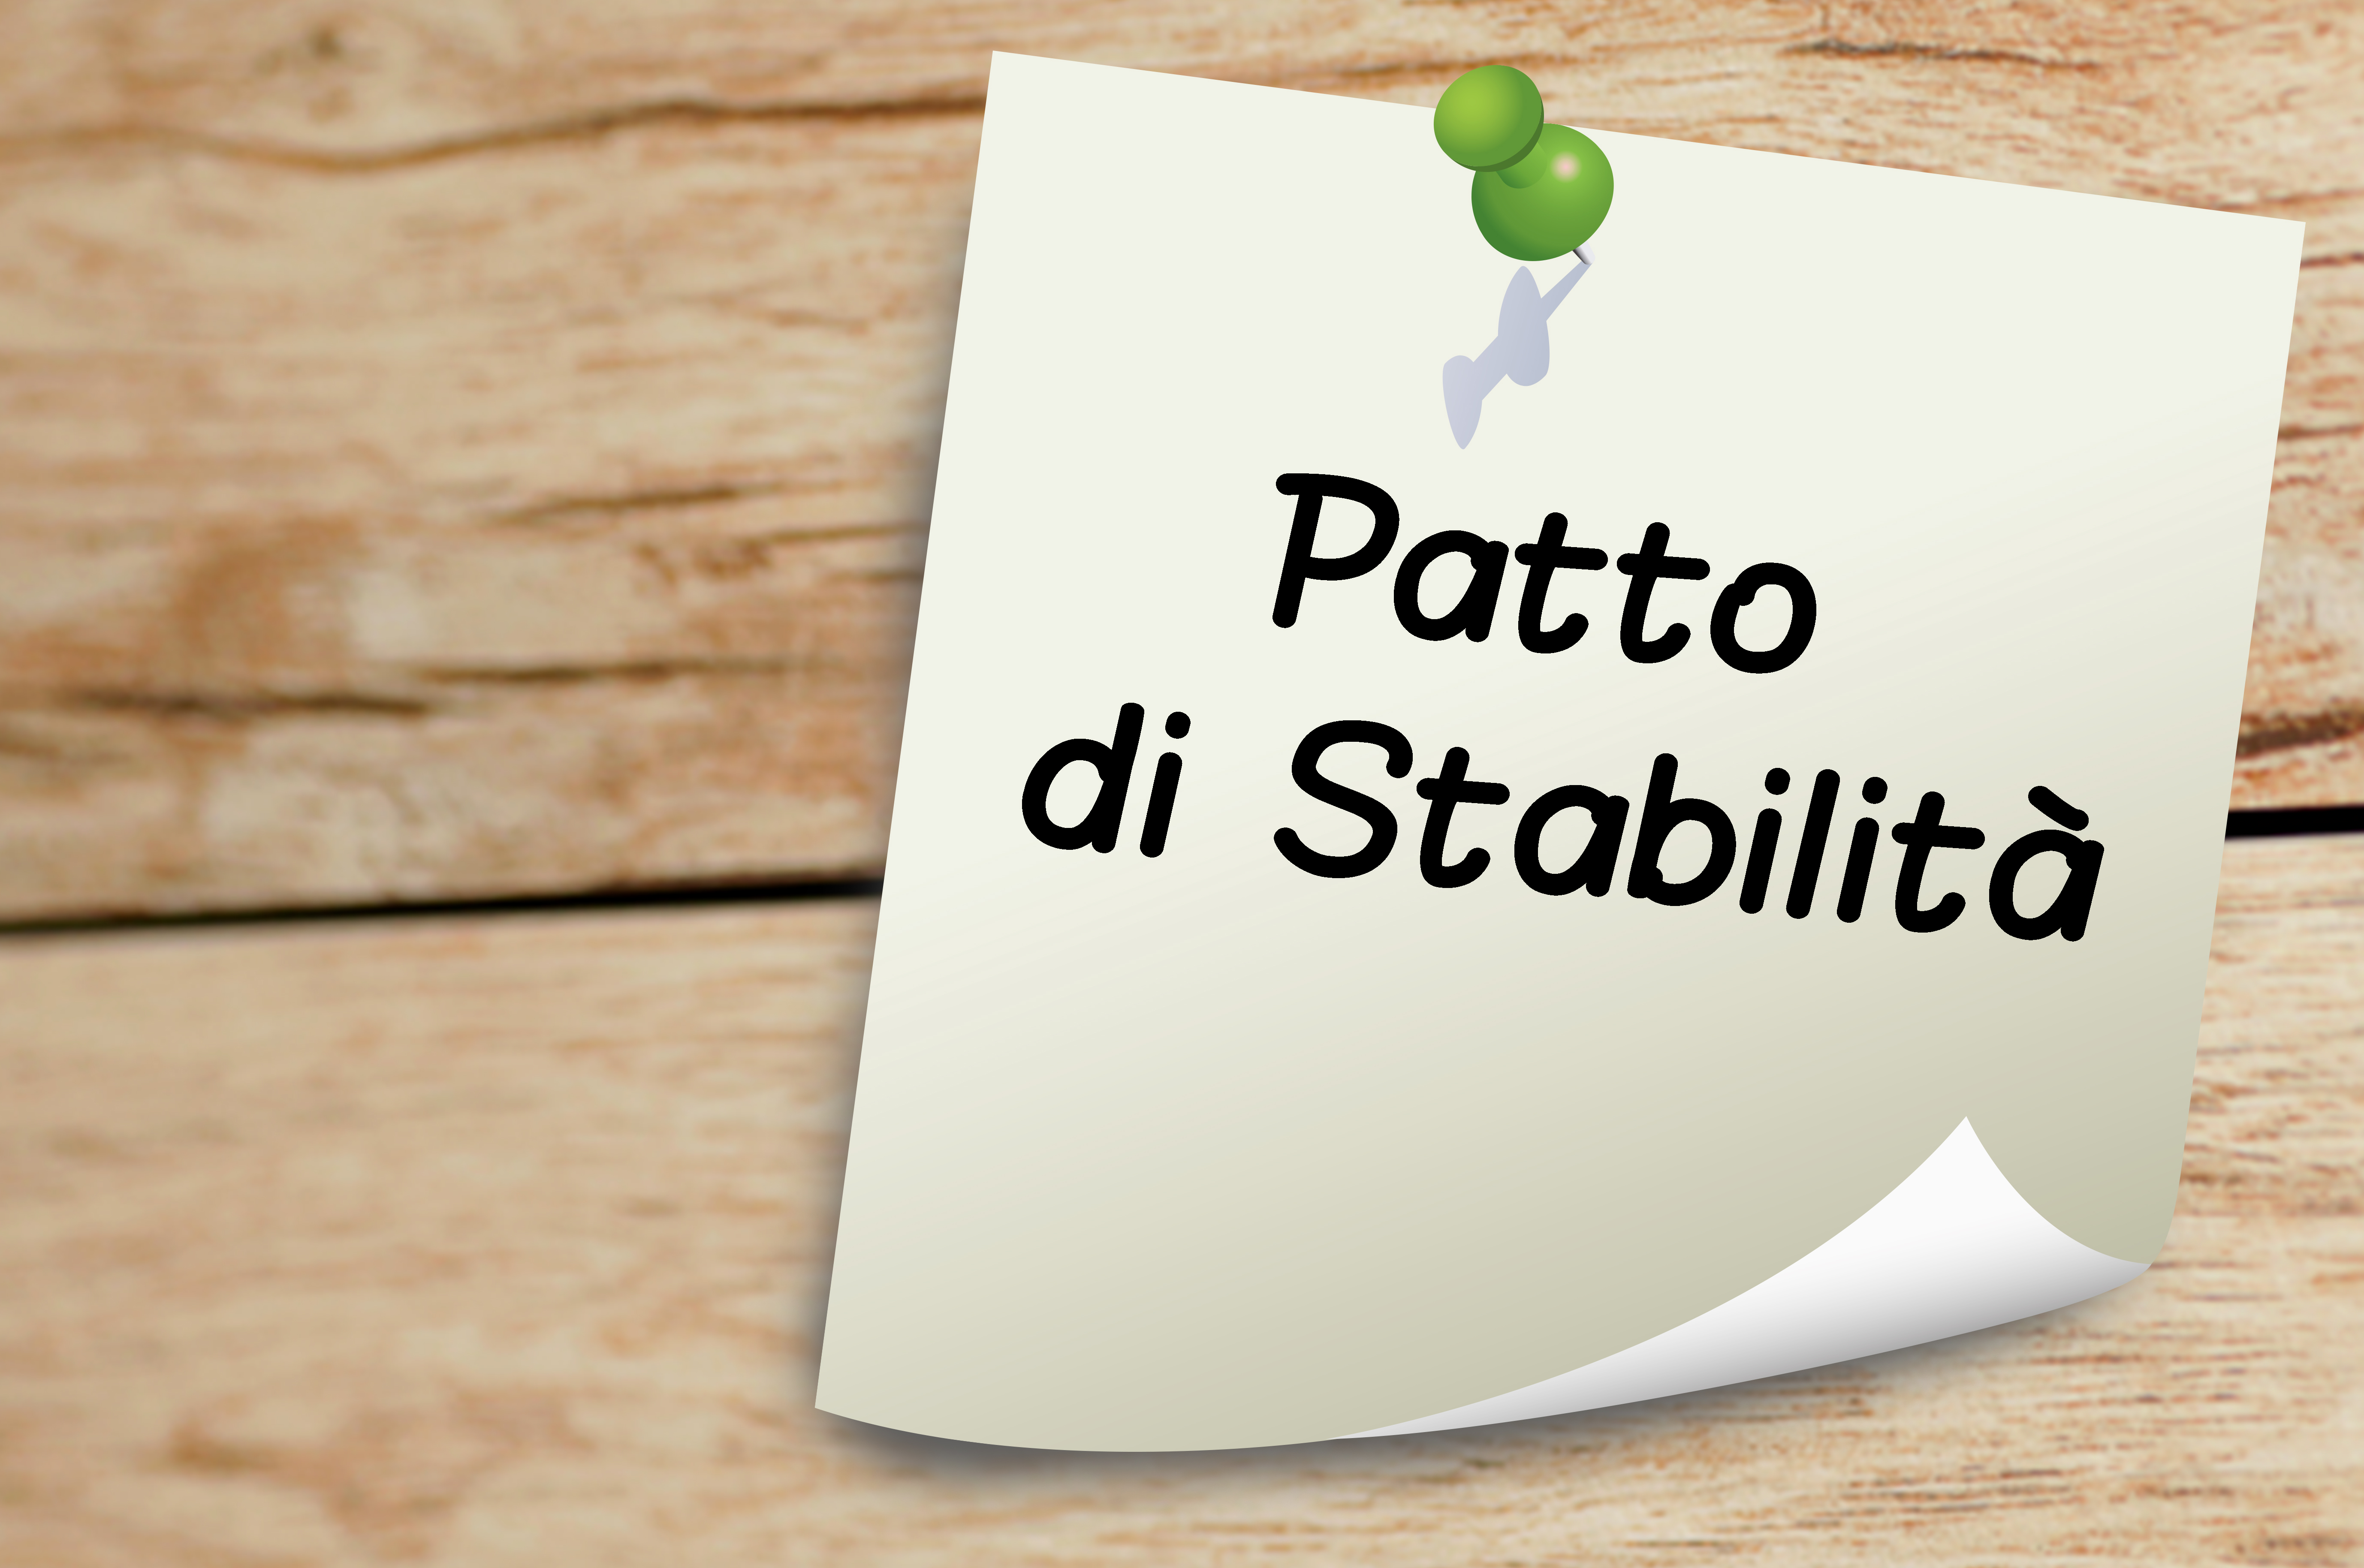 Patto Di Stabilit U00e0  Obiettivi Programmatici E Chiarimenti Su Novit U00e0 Normative